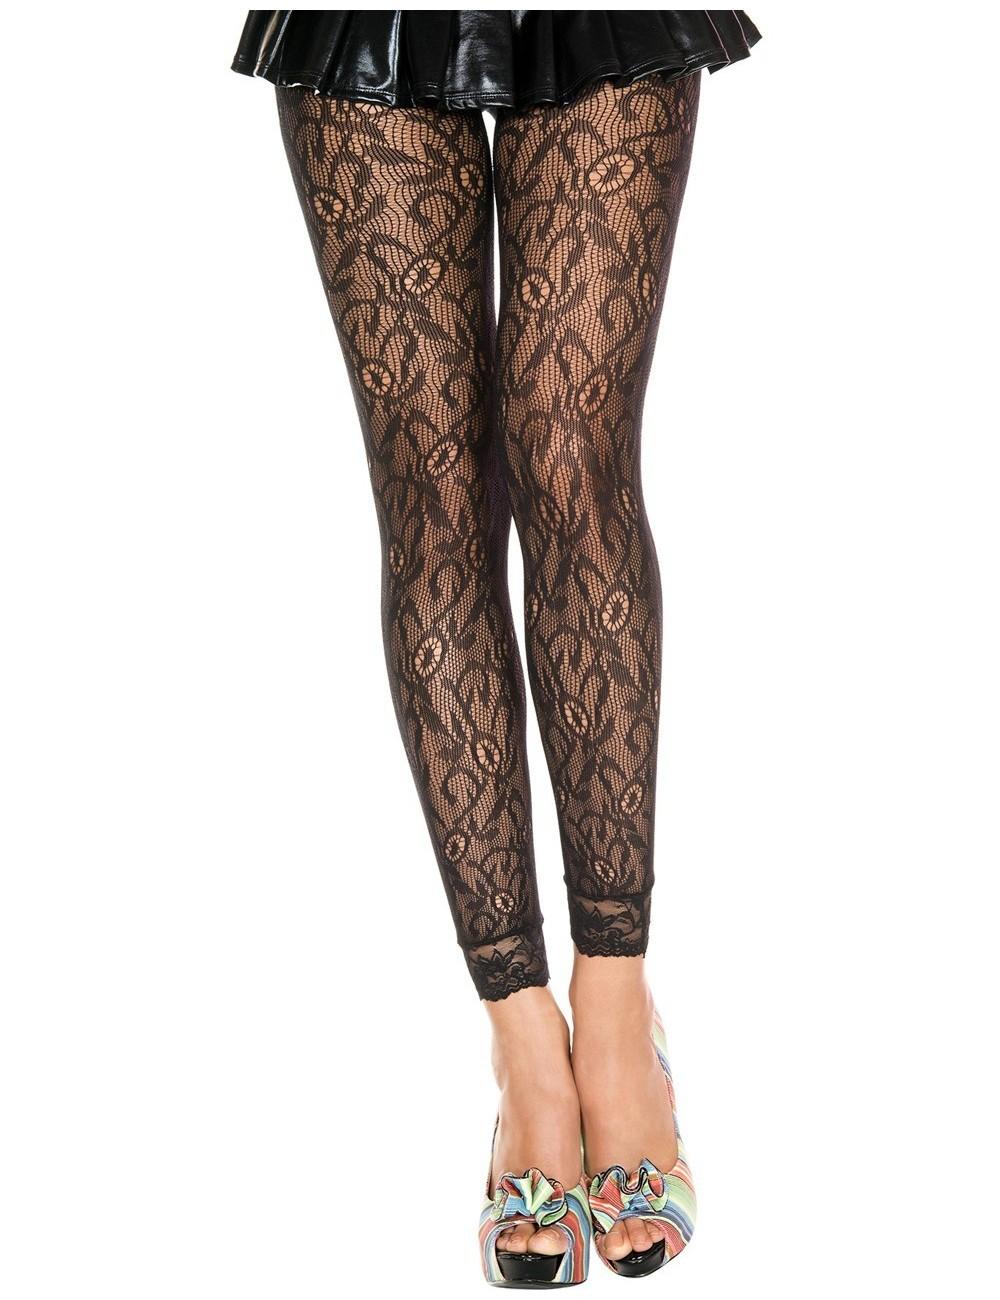 Lingerie - Leggings Sexy - Legging fin noir résille et dentelle motif floral - MH35029BLK - Music Legs